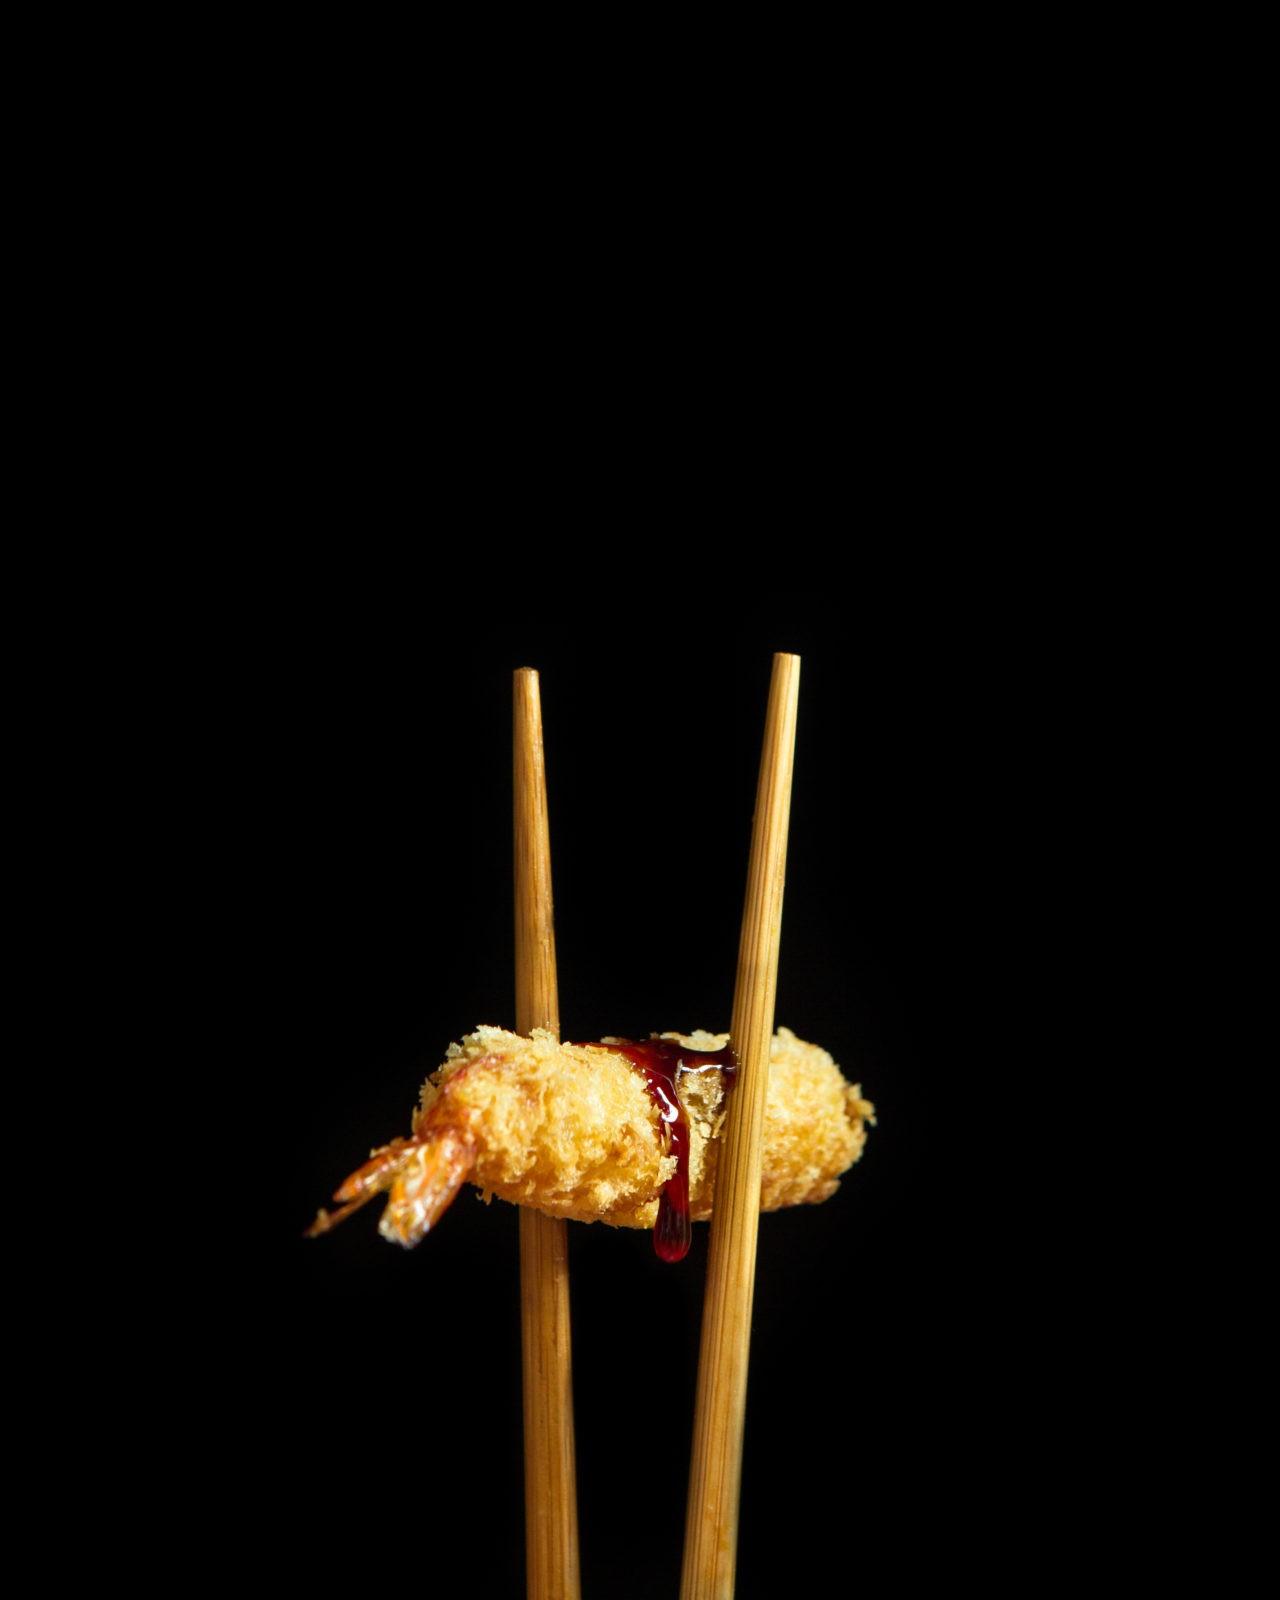 ebi tempura con palillos